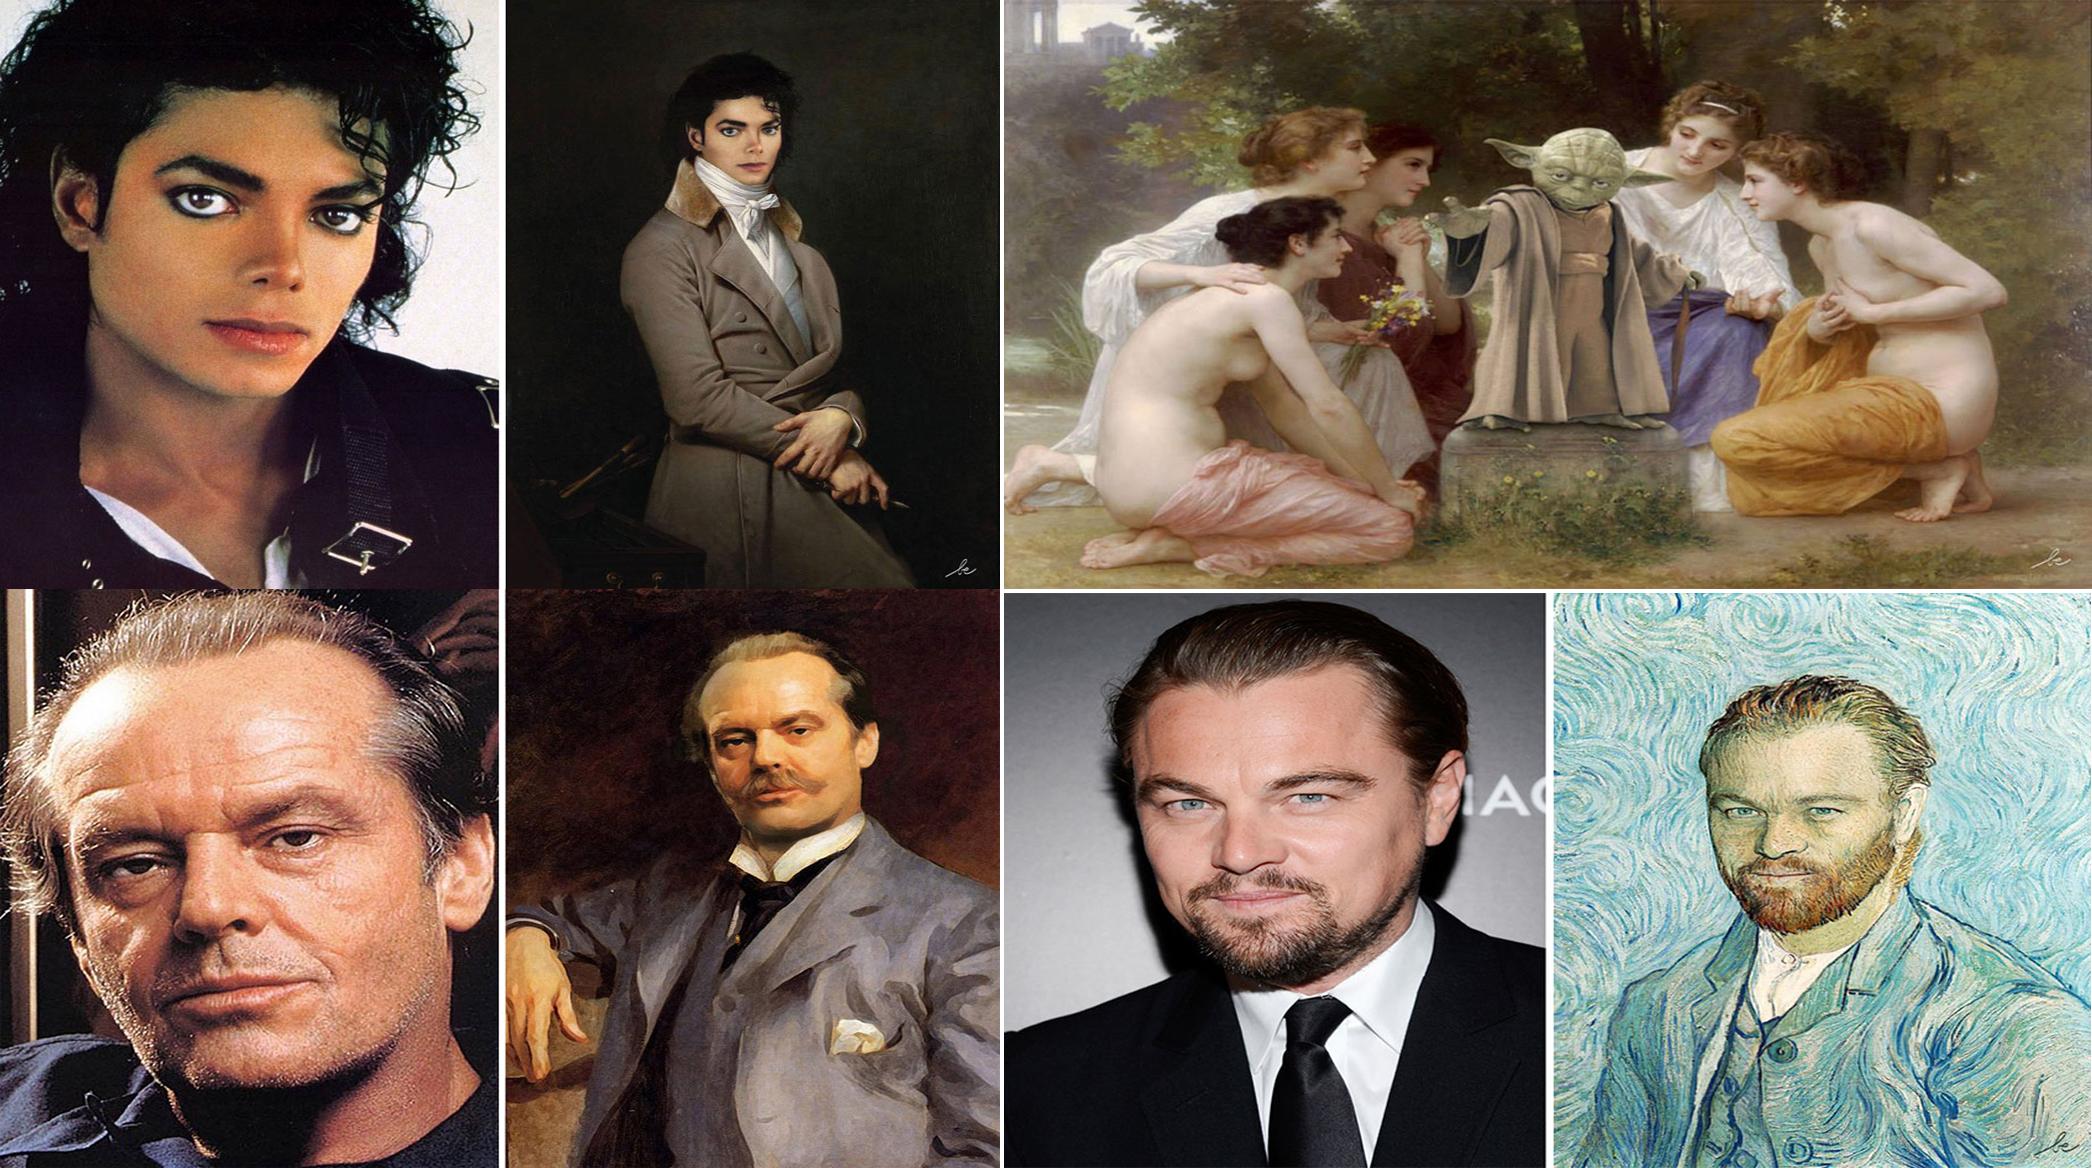 Ta artystka przerabia obrazy historyczne, dodając do nich znanych współczesnego świata. Zabawne!